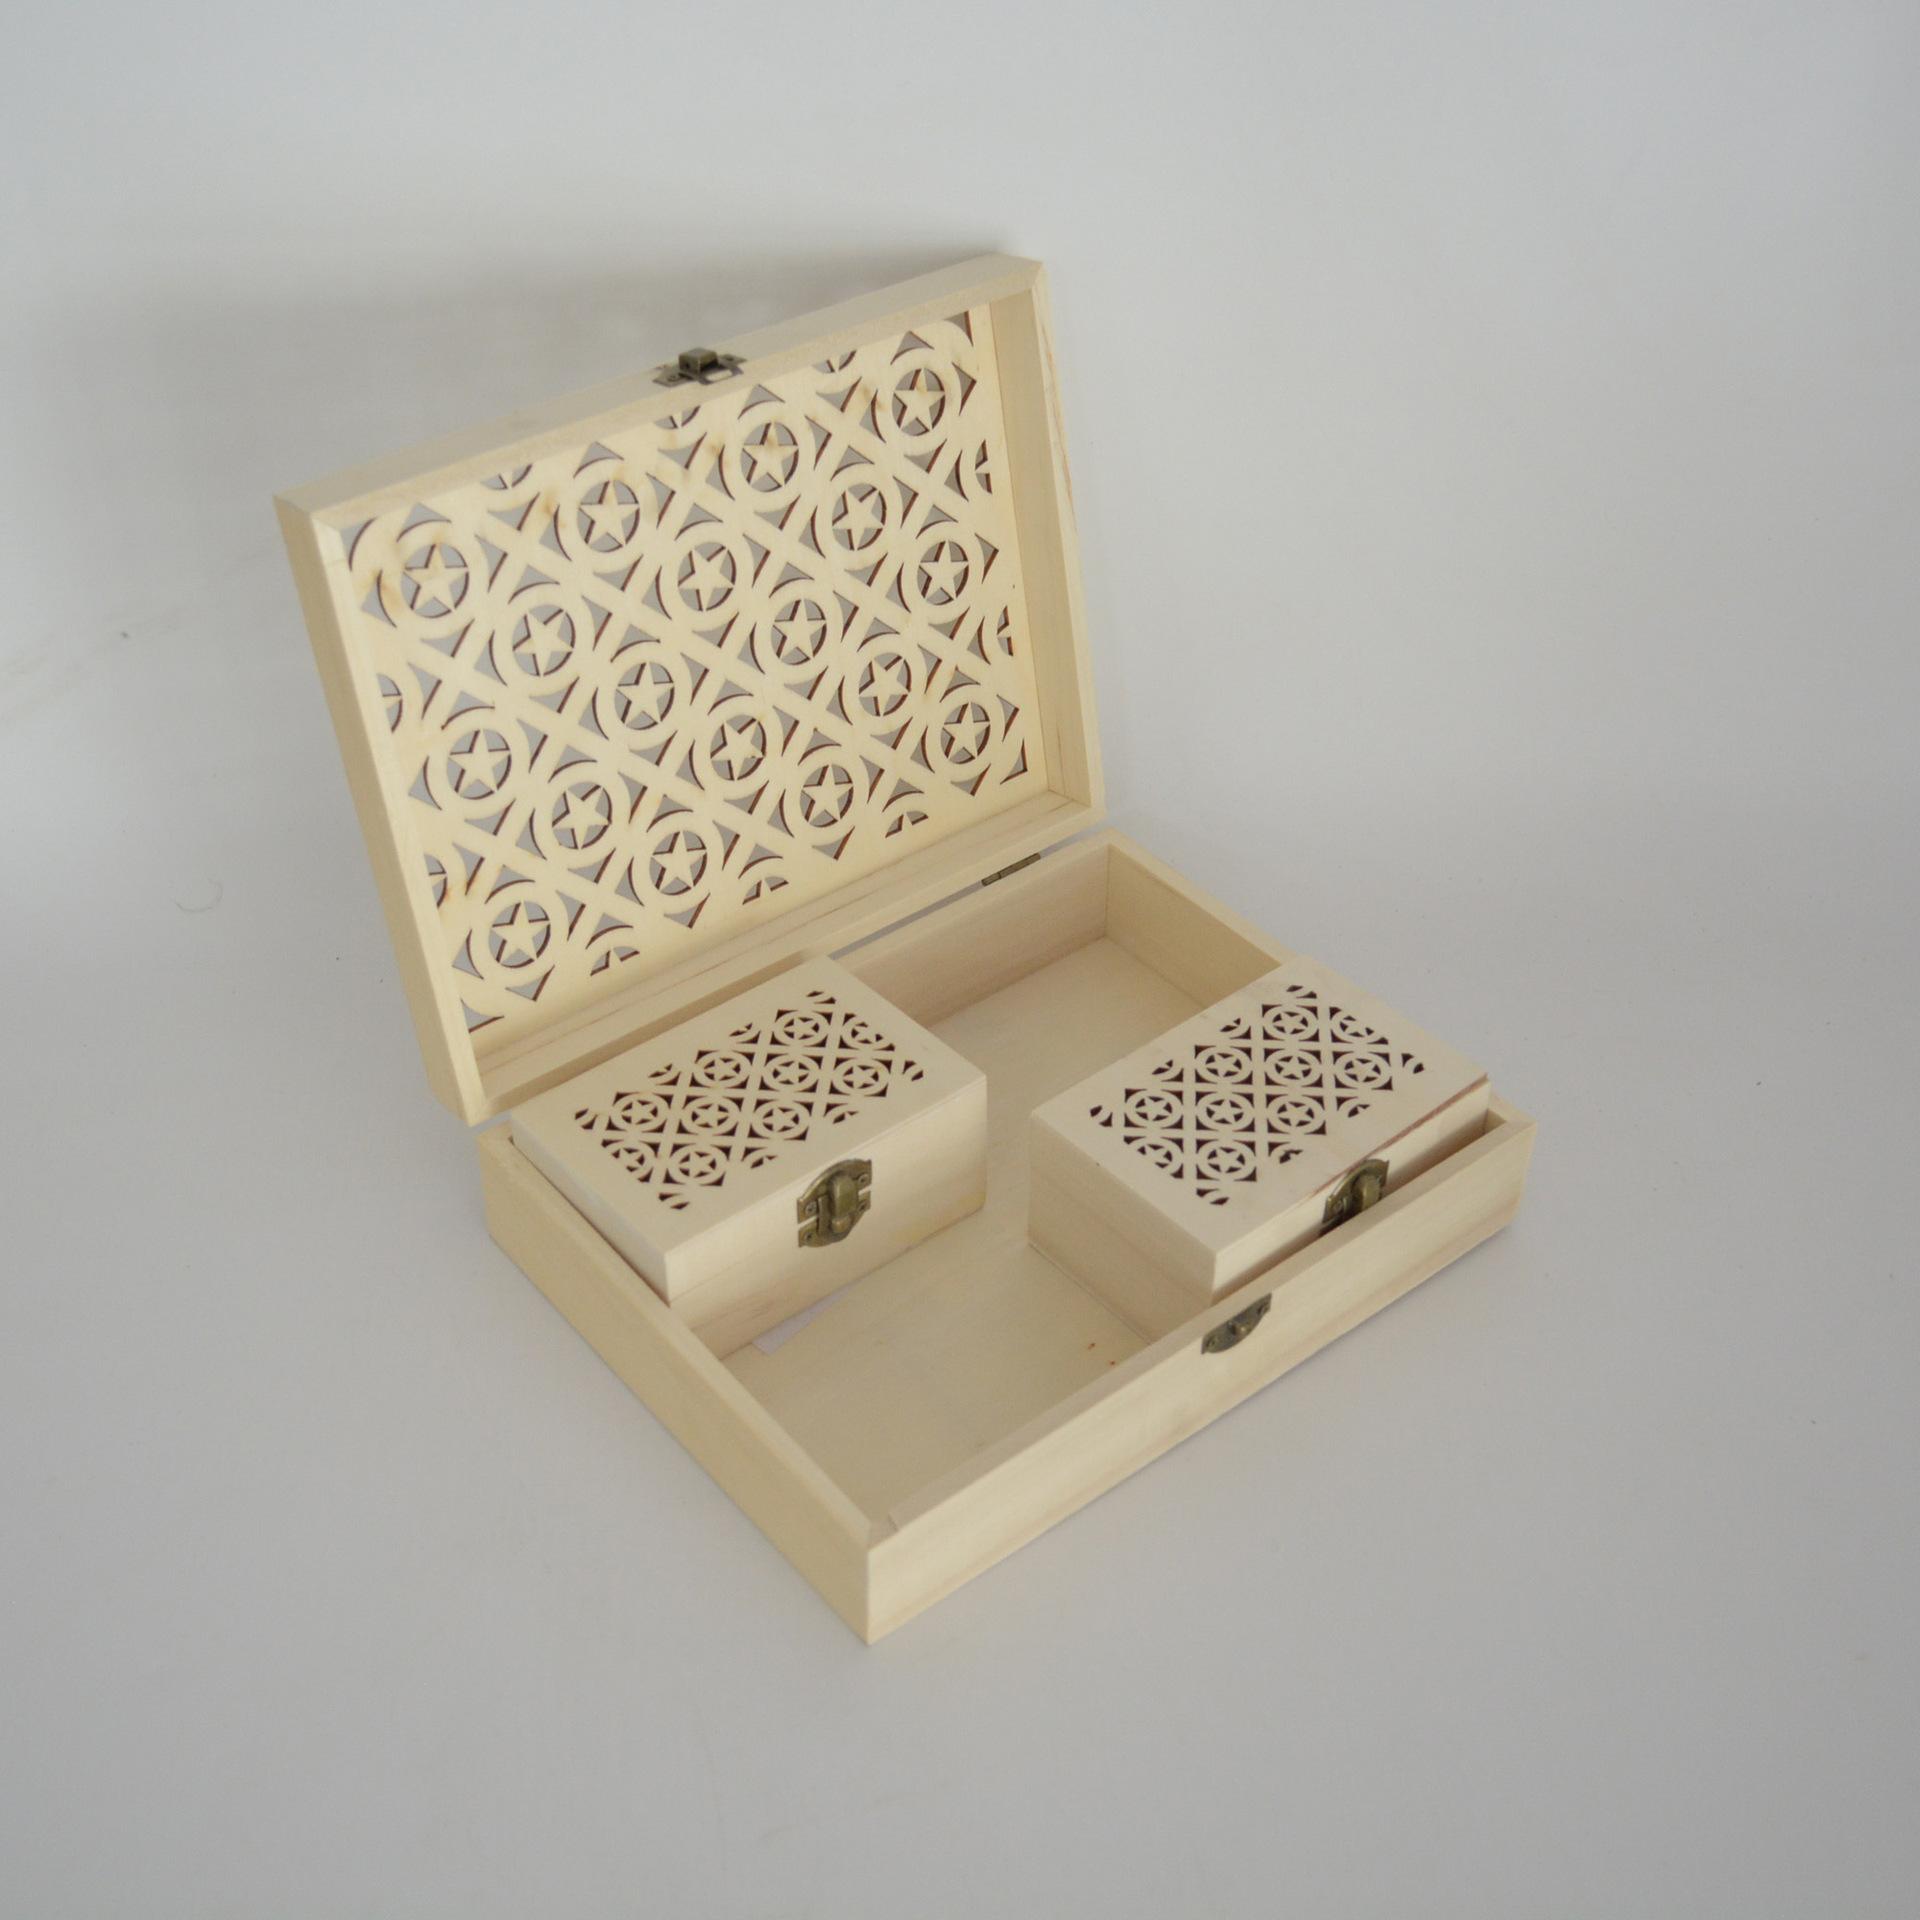 高档普洱茶包装盒 镂空雕刻木制铁观音茶叶空礼盒定做大红袍礼盒